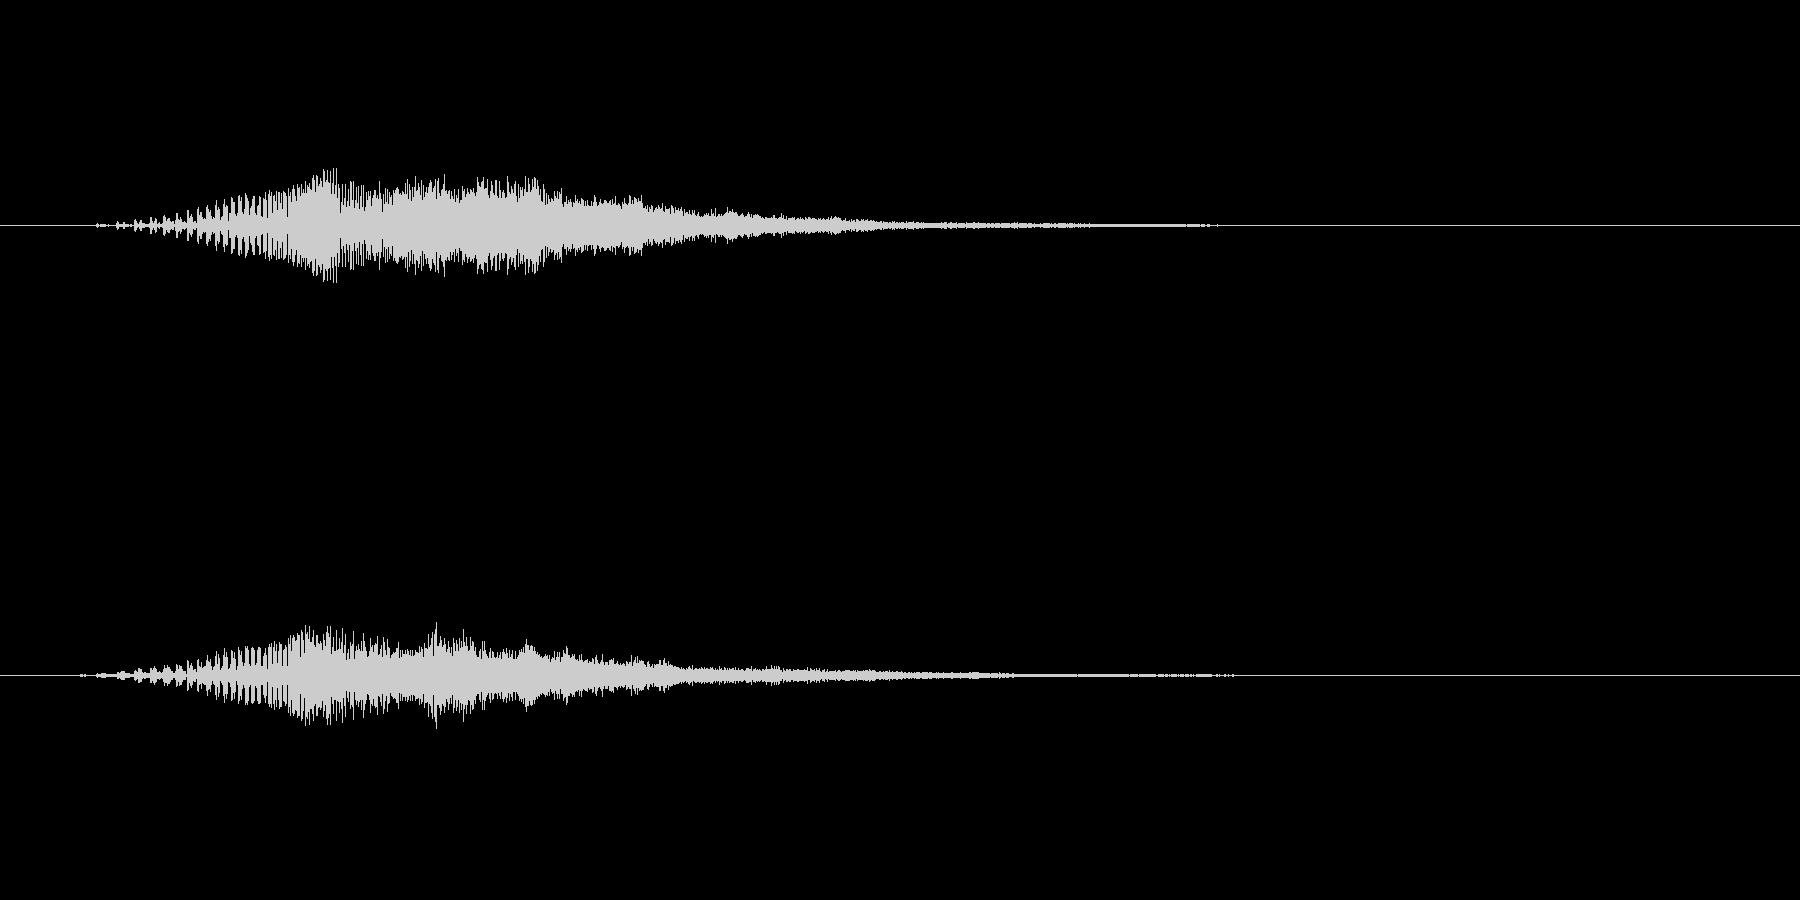 【ショートブリッジ06-up】の未再生の波形